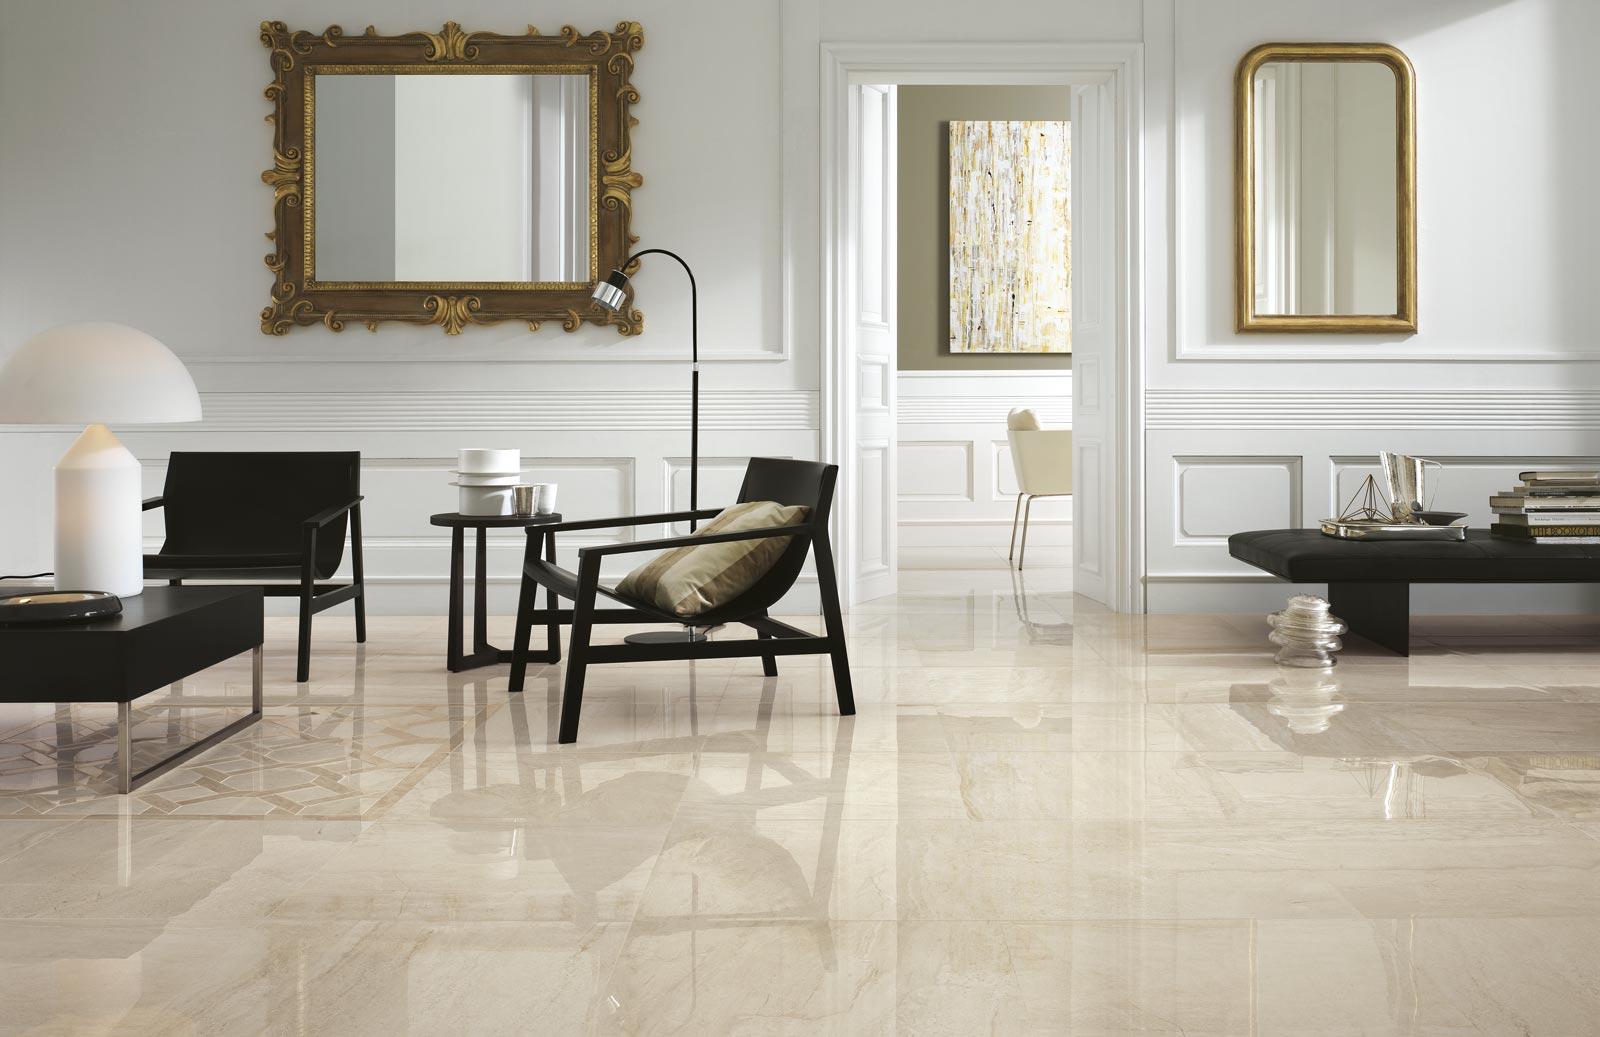 Collezione symphony rivestimenti gres effetto marmo ragno for Gres porcellanato effetto marmo lucido prezzi